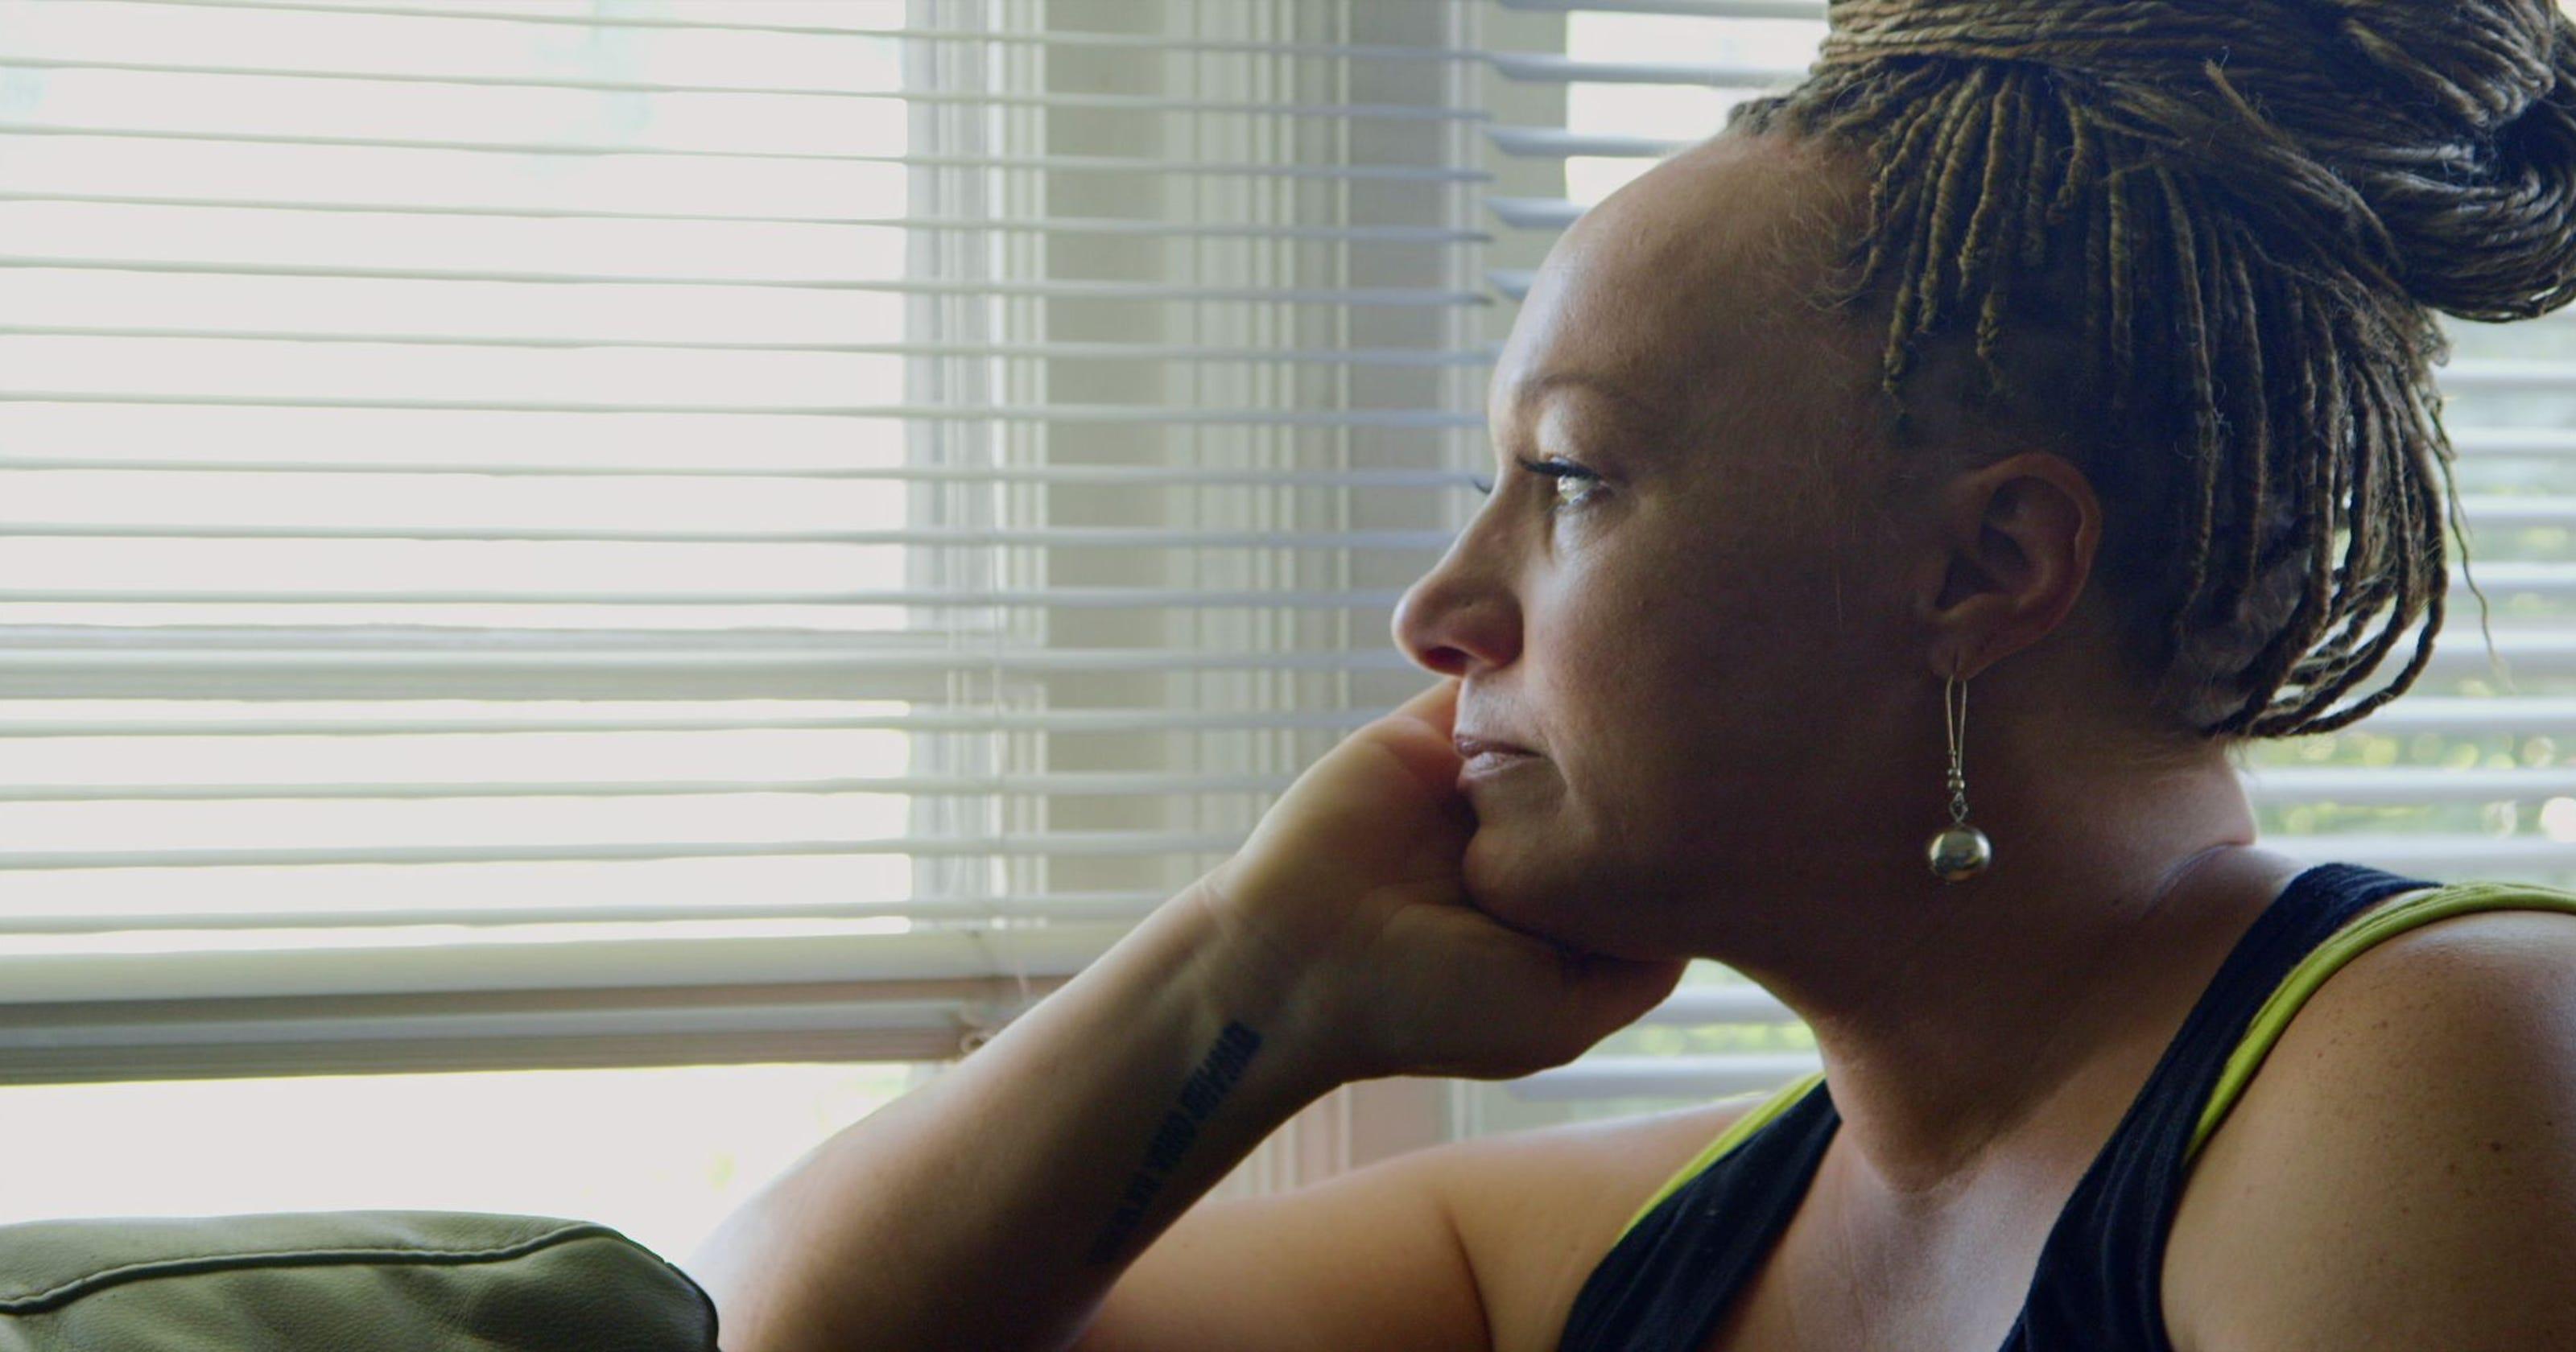 Netflix tackles complex topic of 'transracial' activist